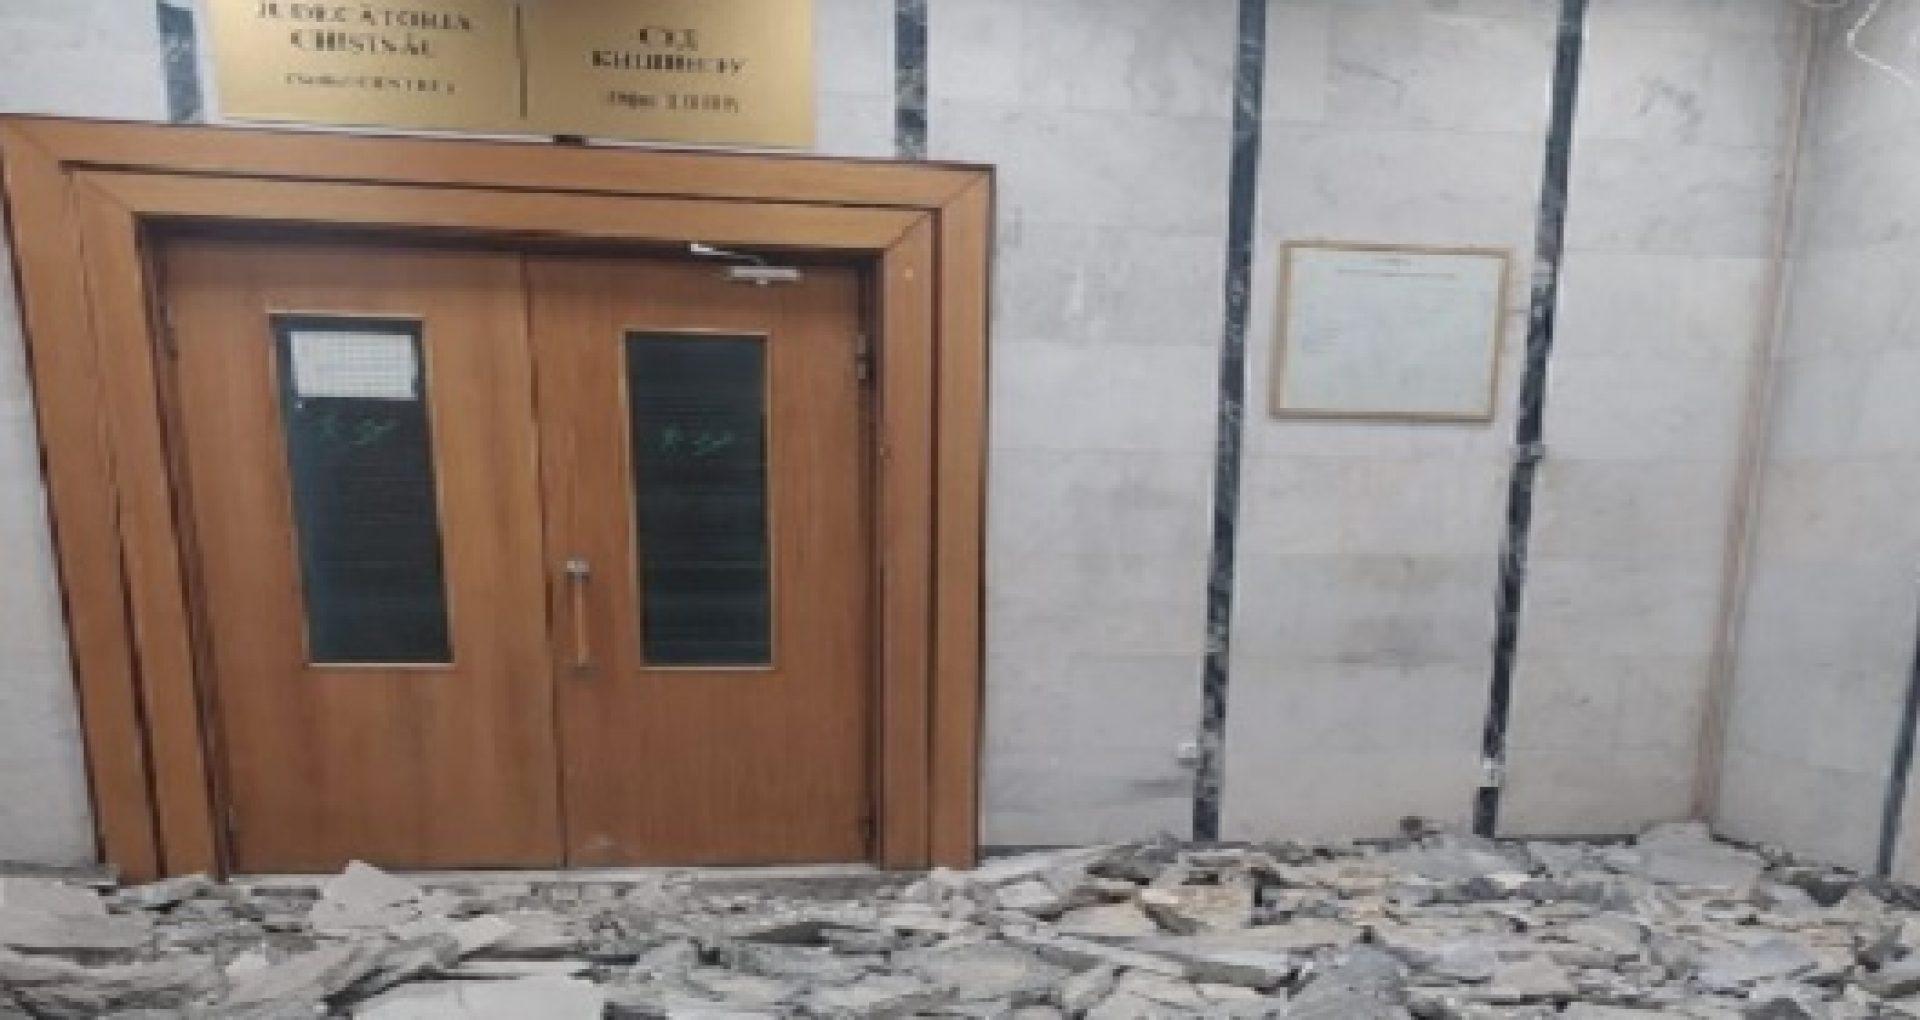 """Magistrații Judecătoriei Chișinău, sediul Centru, acuză Cancelaria de Stat de abuz de putere: """"Suntem somați să eliberăm sediul pentru că aici vor veni alte autorități publice, pentru care se face reparație de lux"""""""